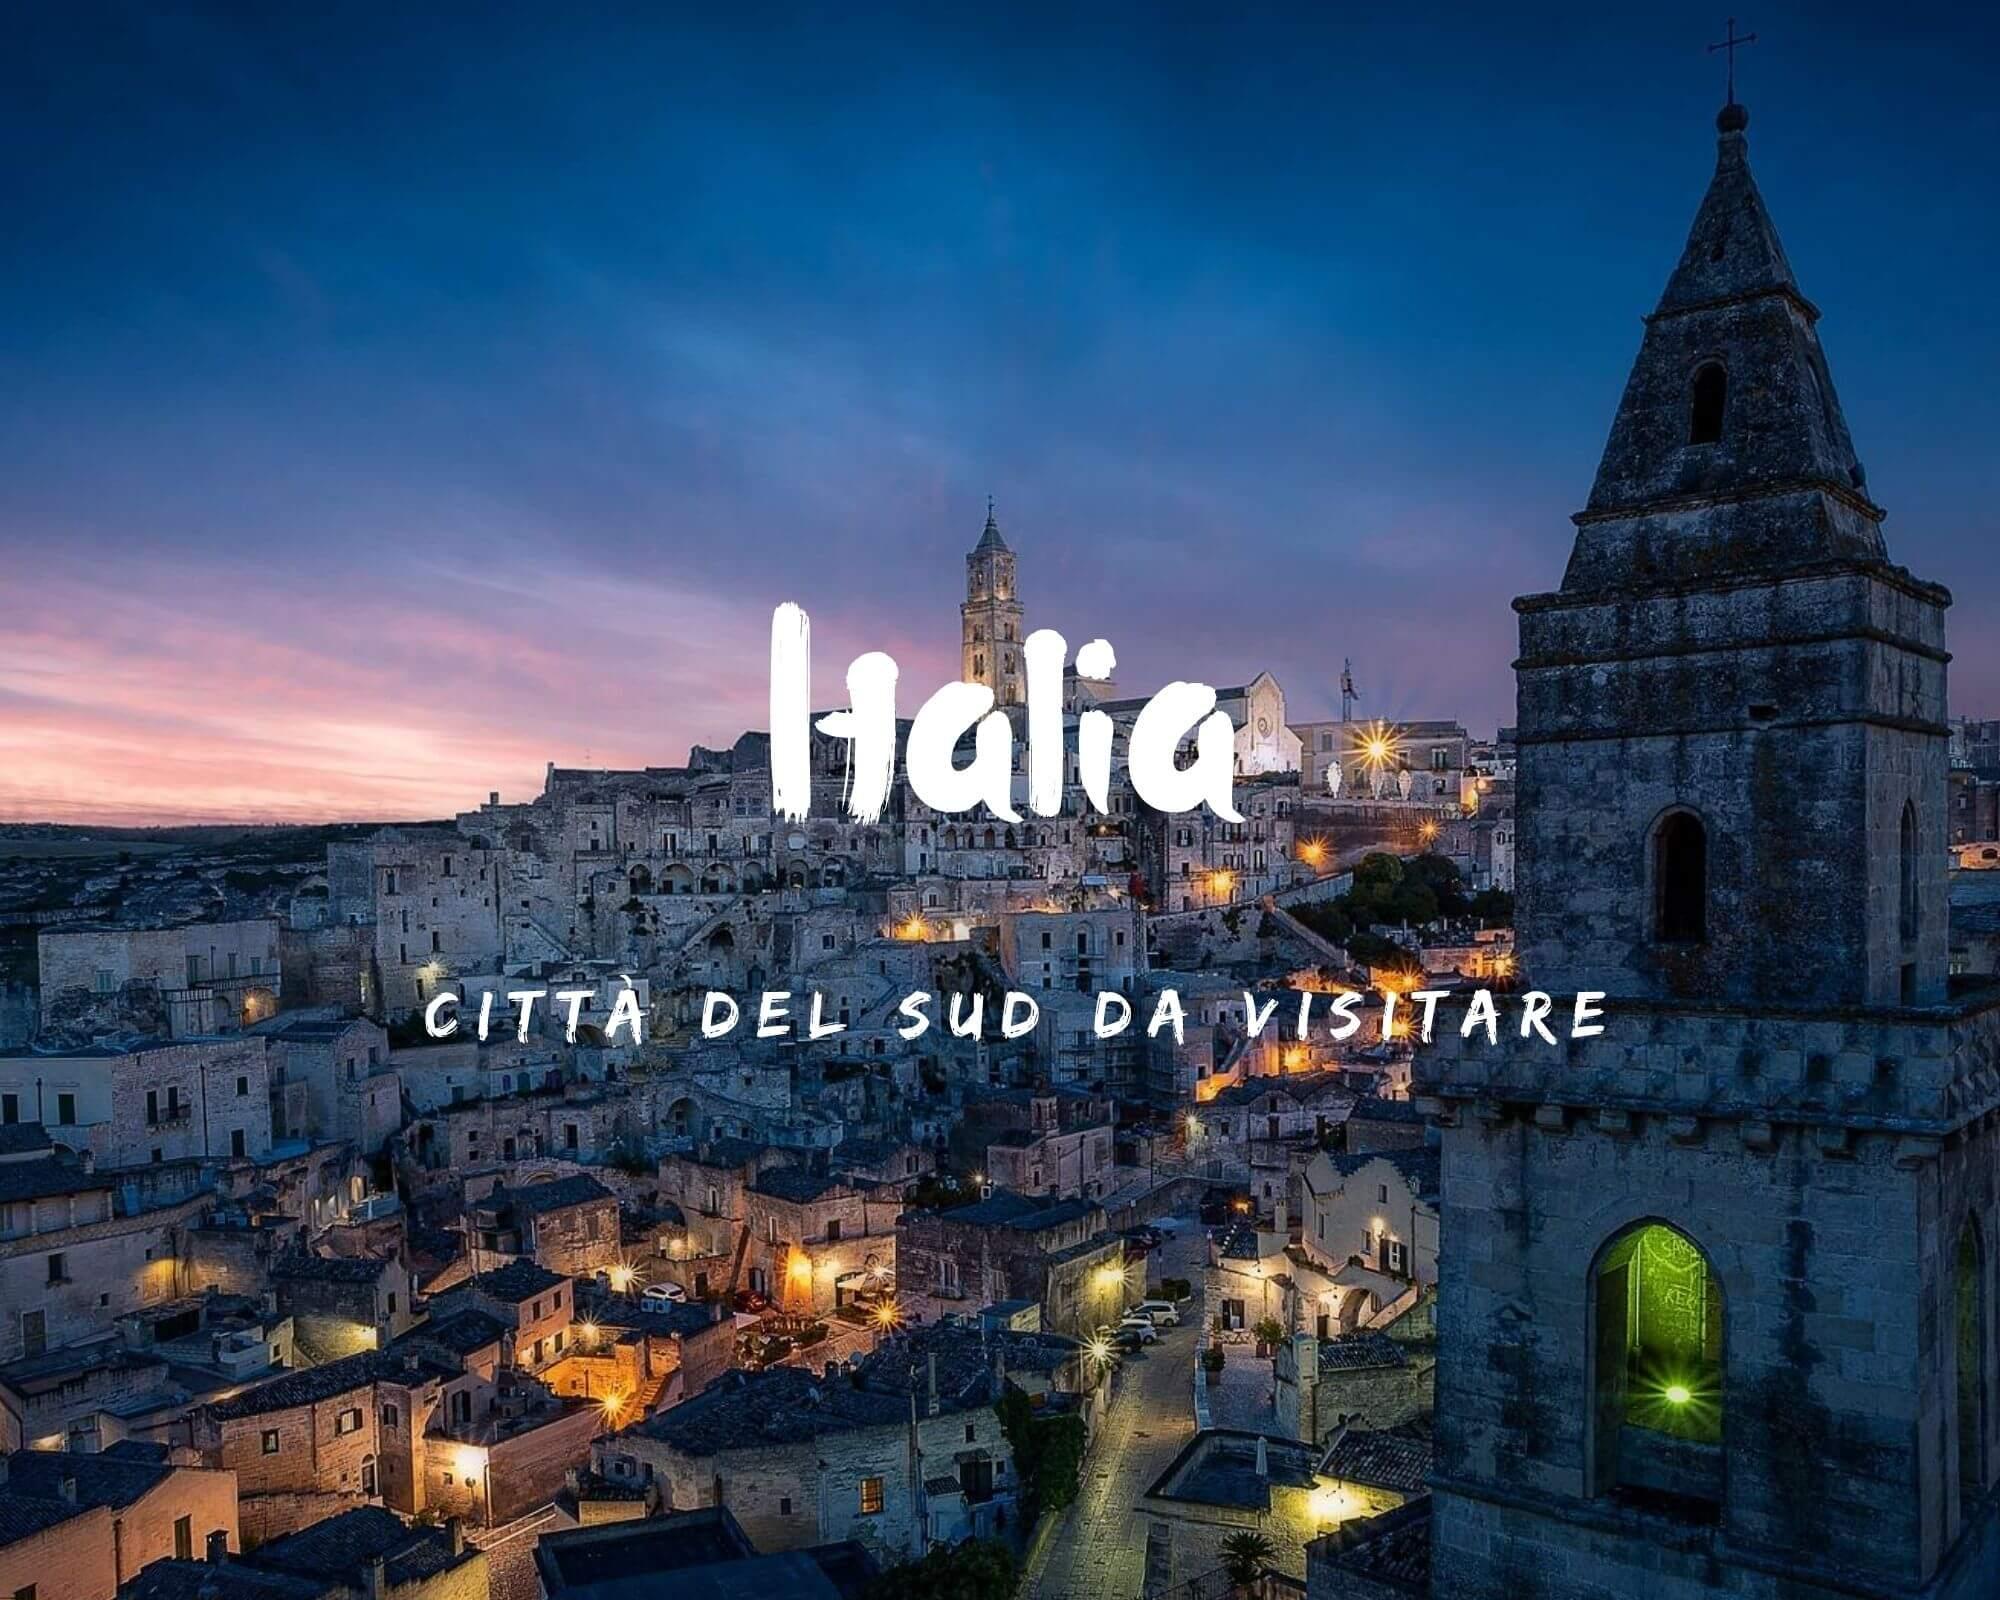 Città del Sud Italia da visitare nel weekend